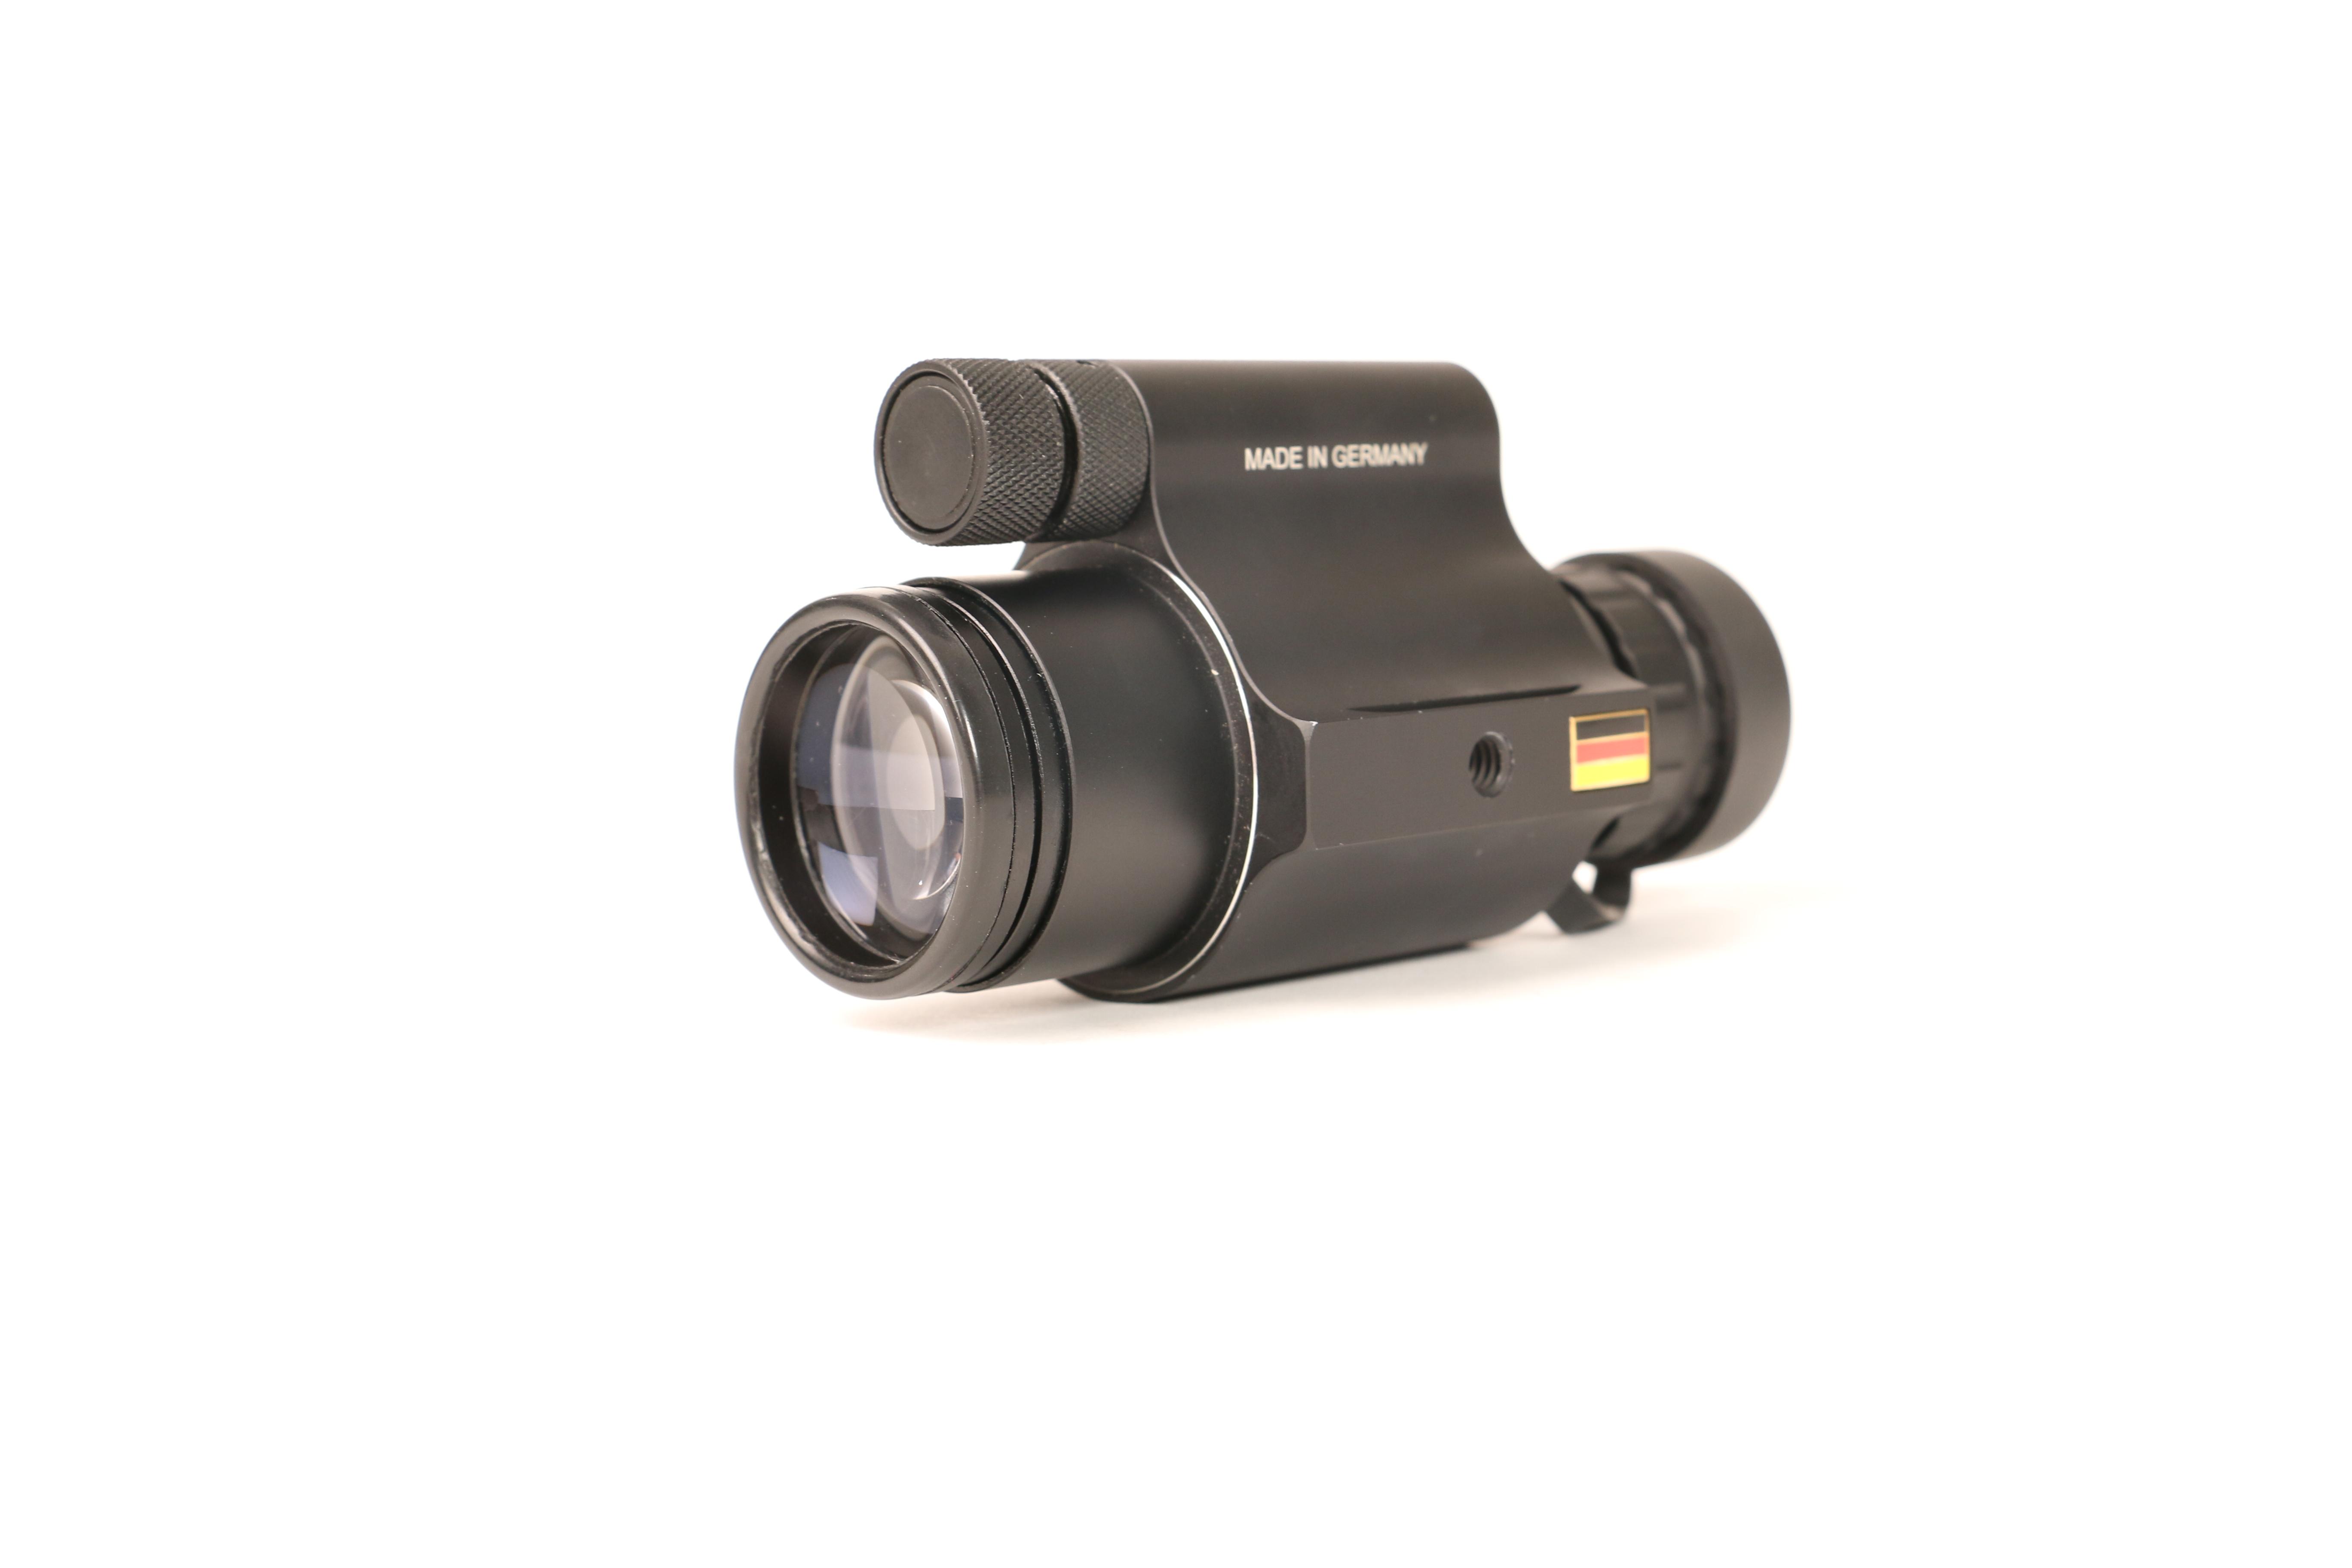 Jahnke DJ-8 Premium Plus Nachtsichtgerät Jahnke Nachtsichtgeräte - Neue Technik für die Jagd